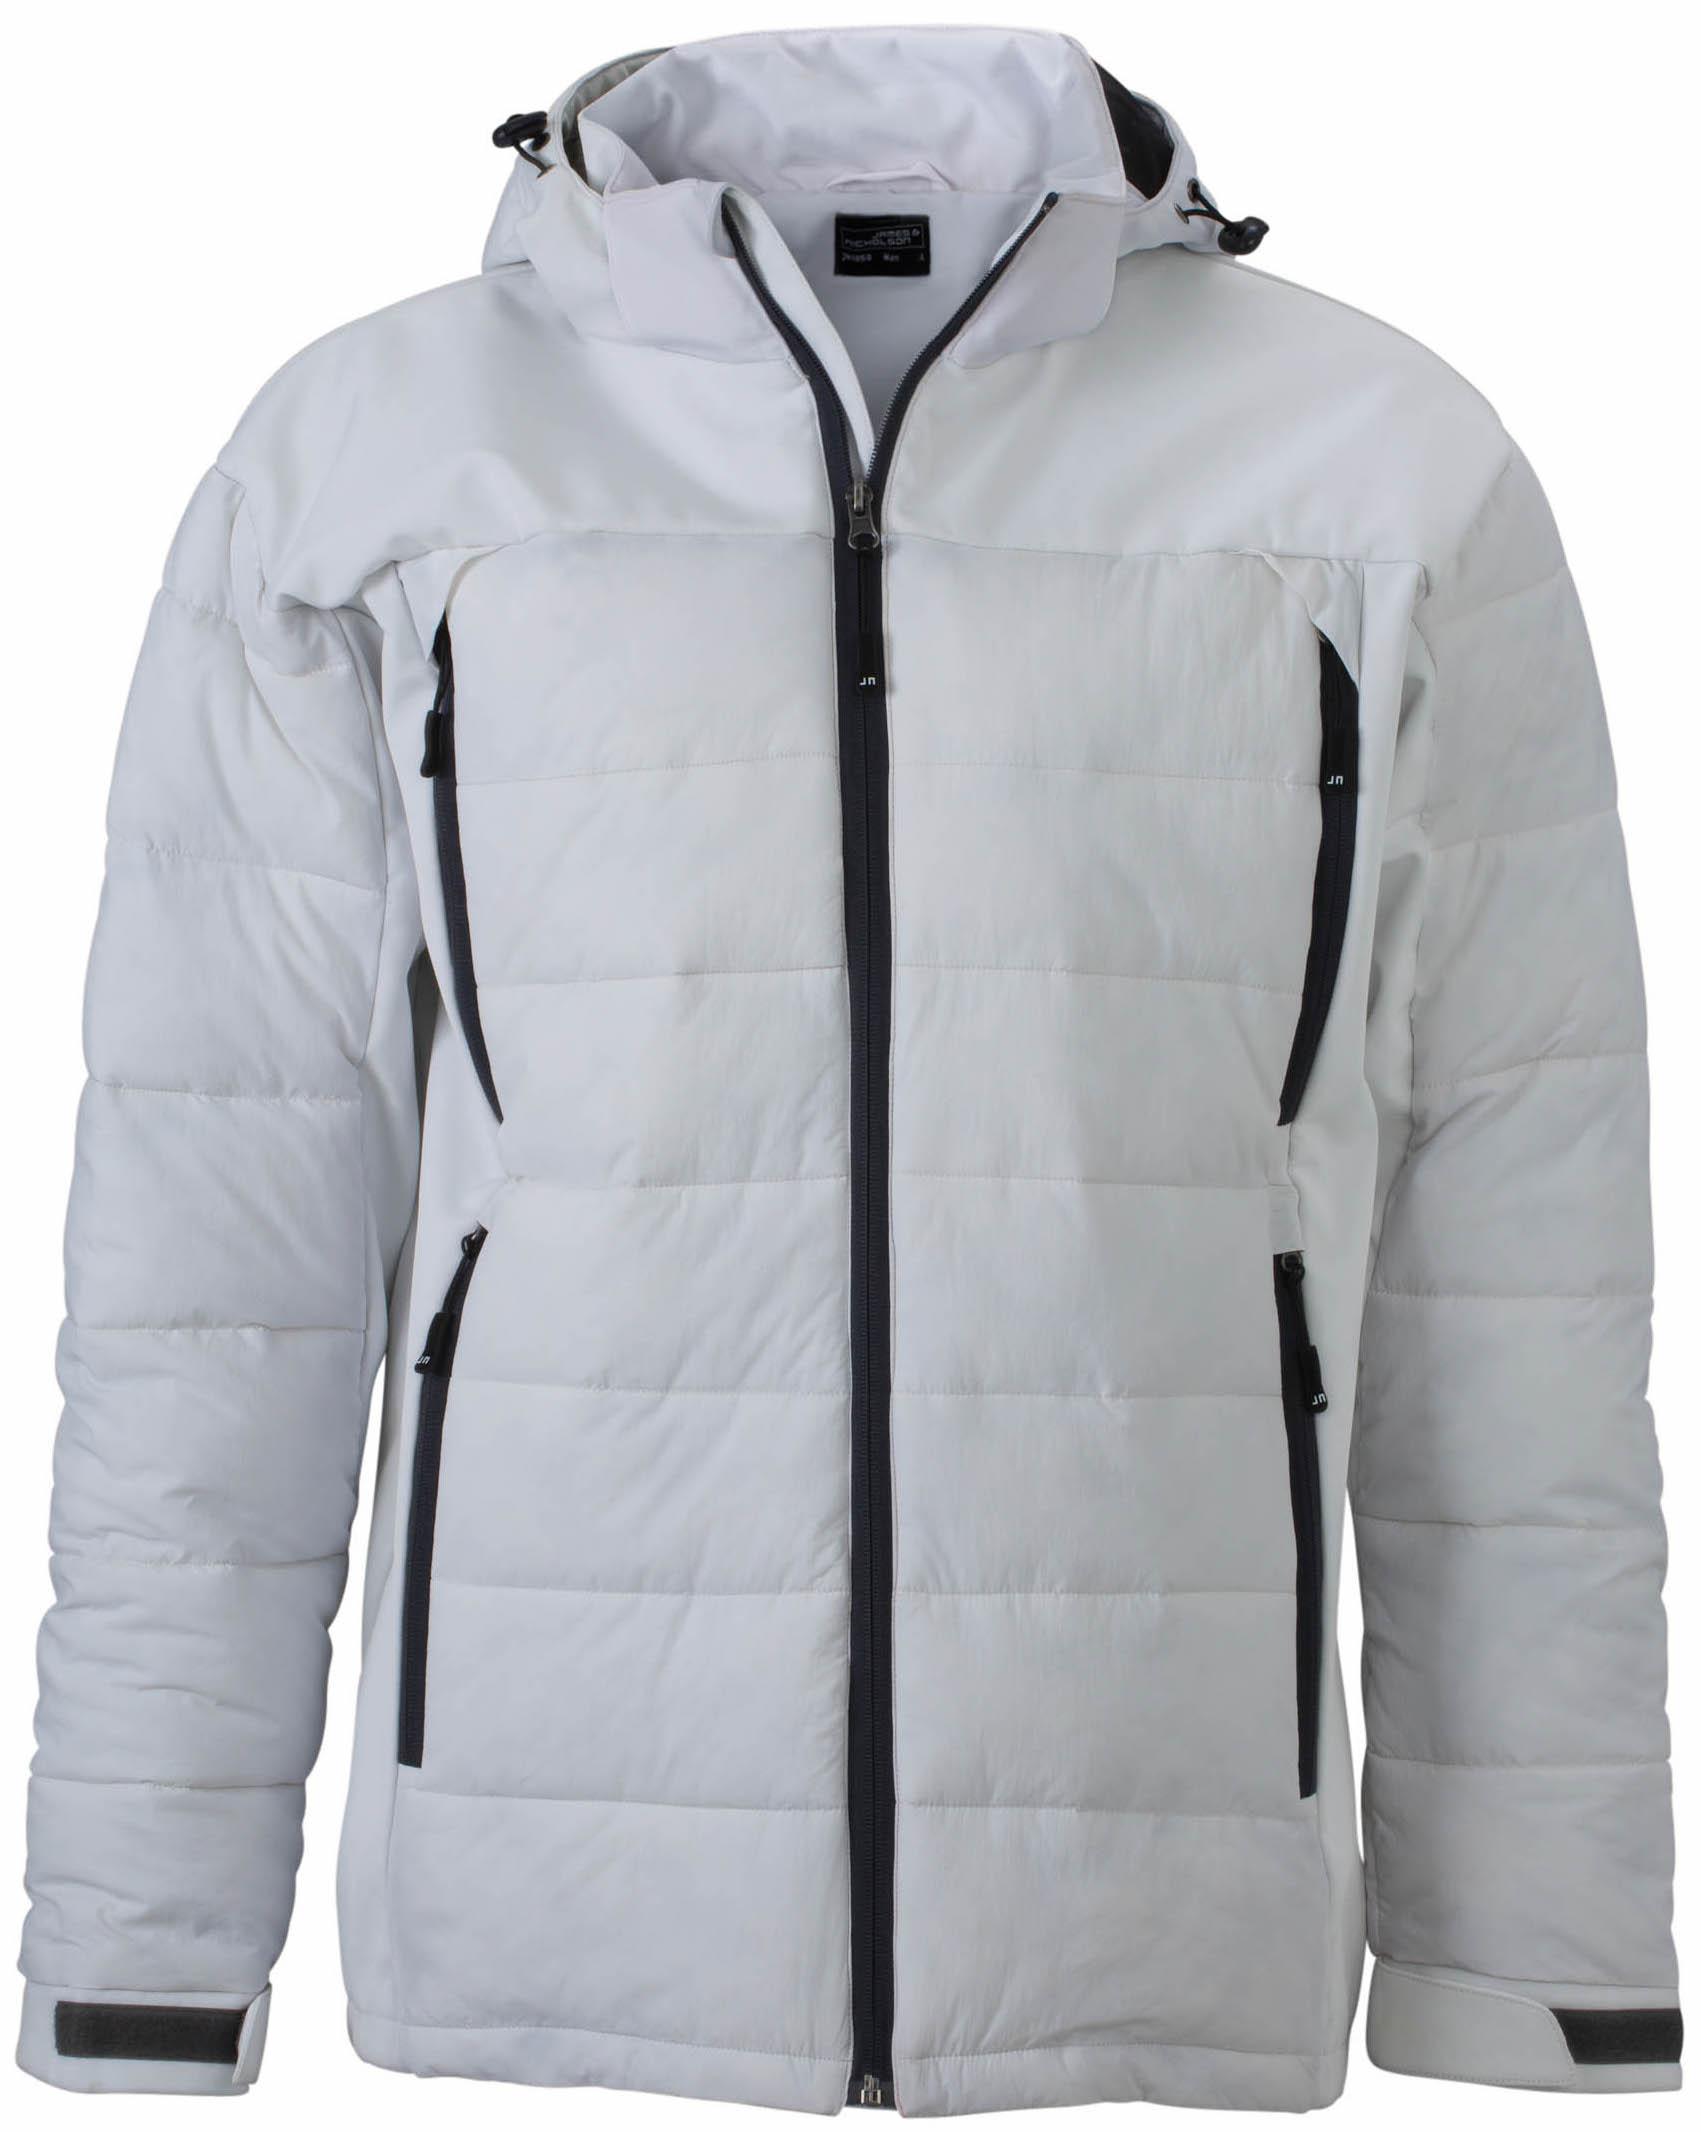 Miesten Outdoor Hybrid -takki JN1050 - Valkoinen